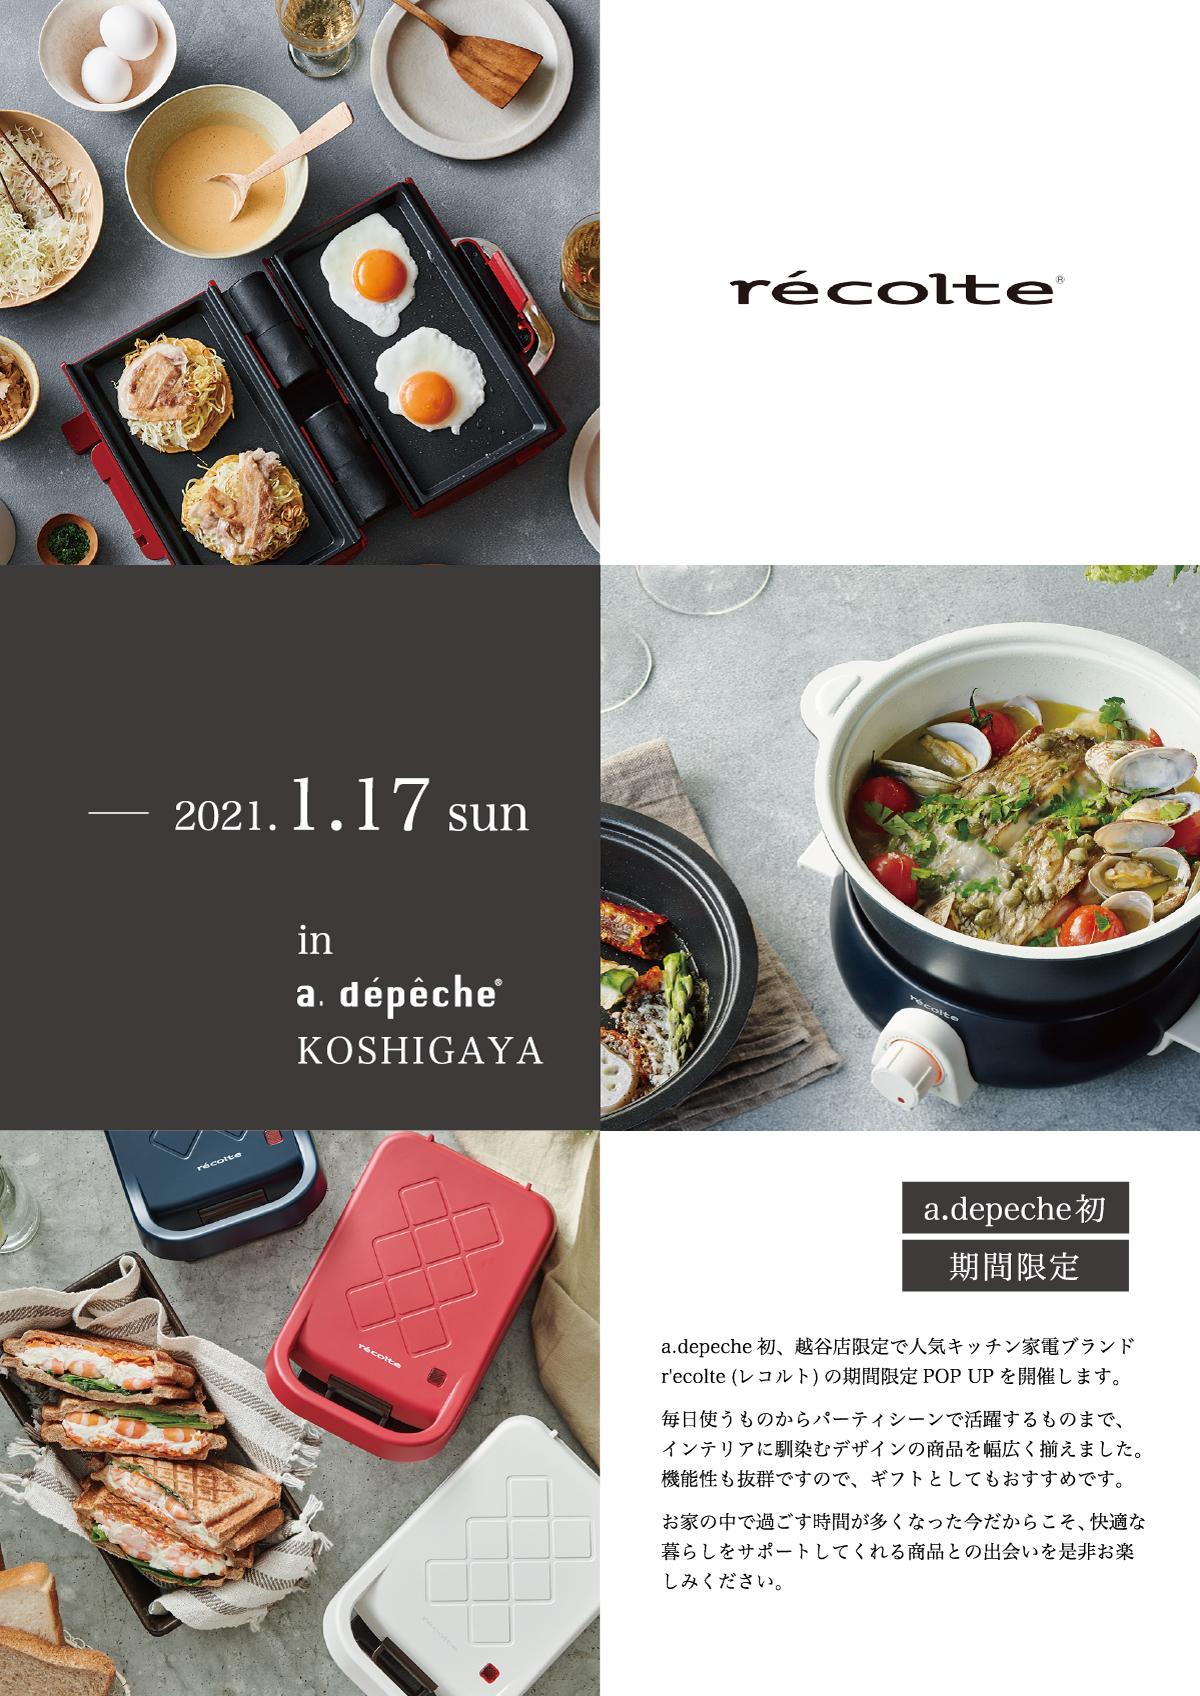 越谷店限定で【re'colte】のキッチン家電POP UPを開催中!